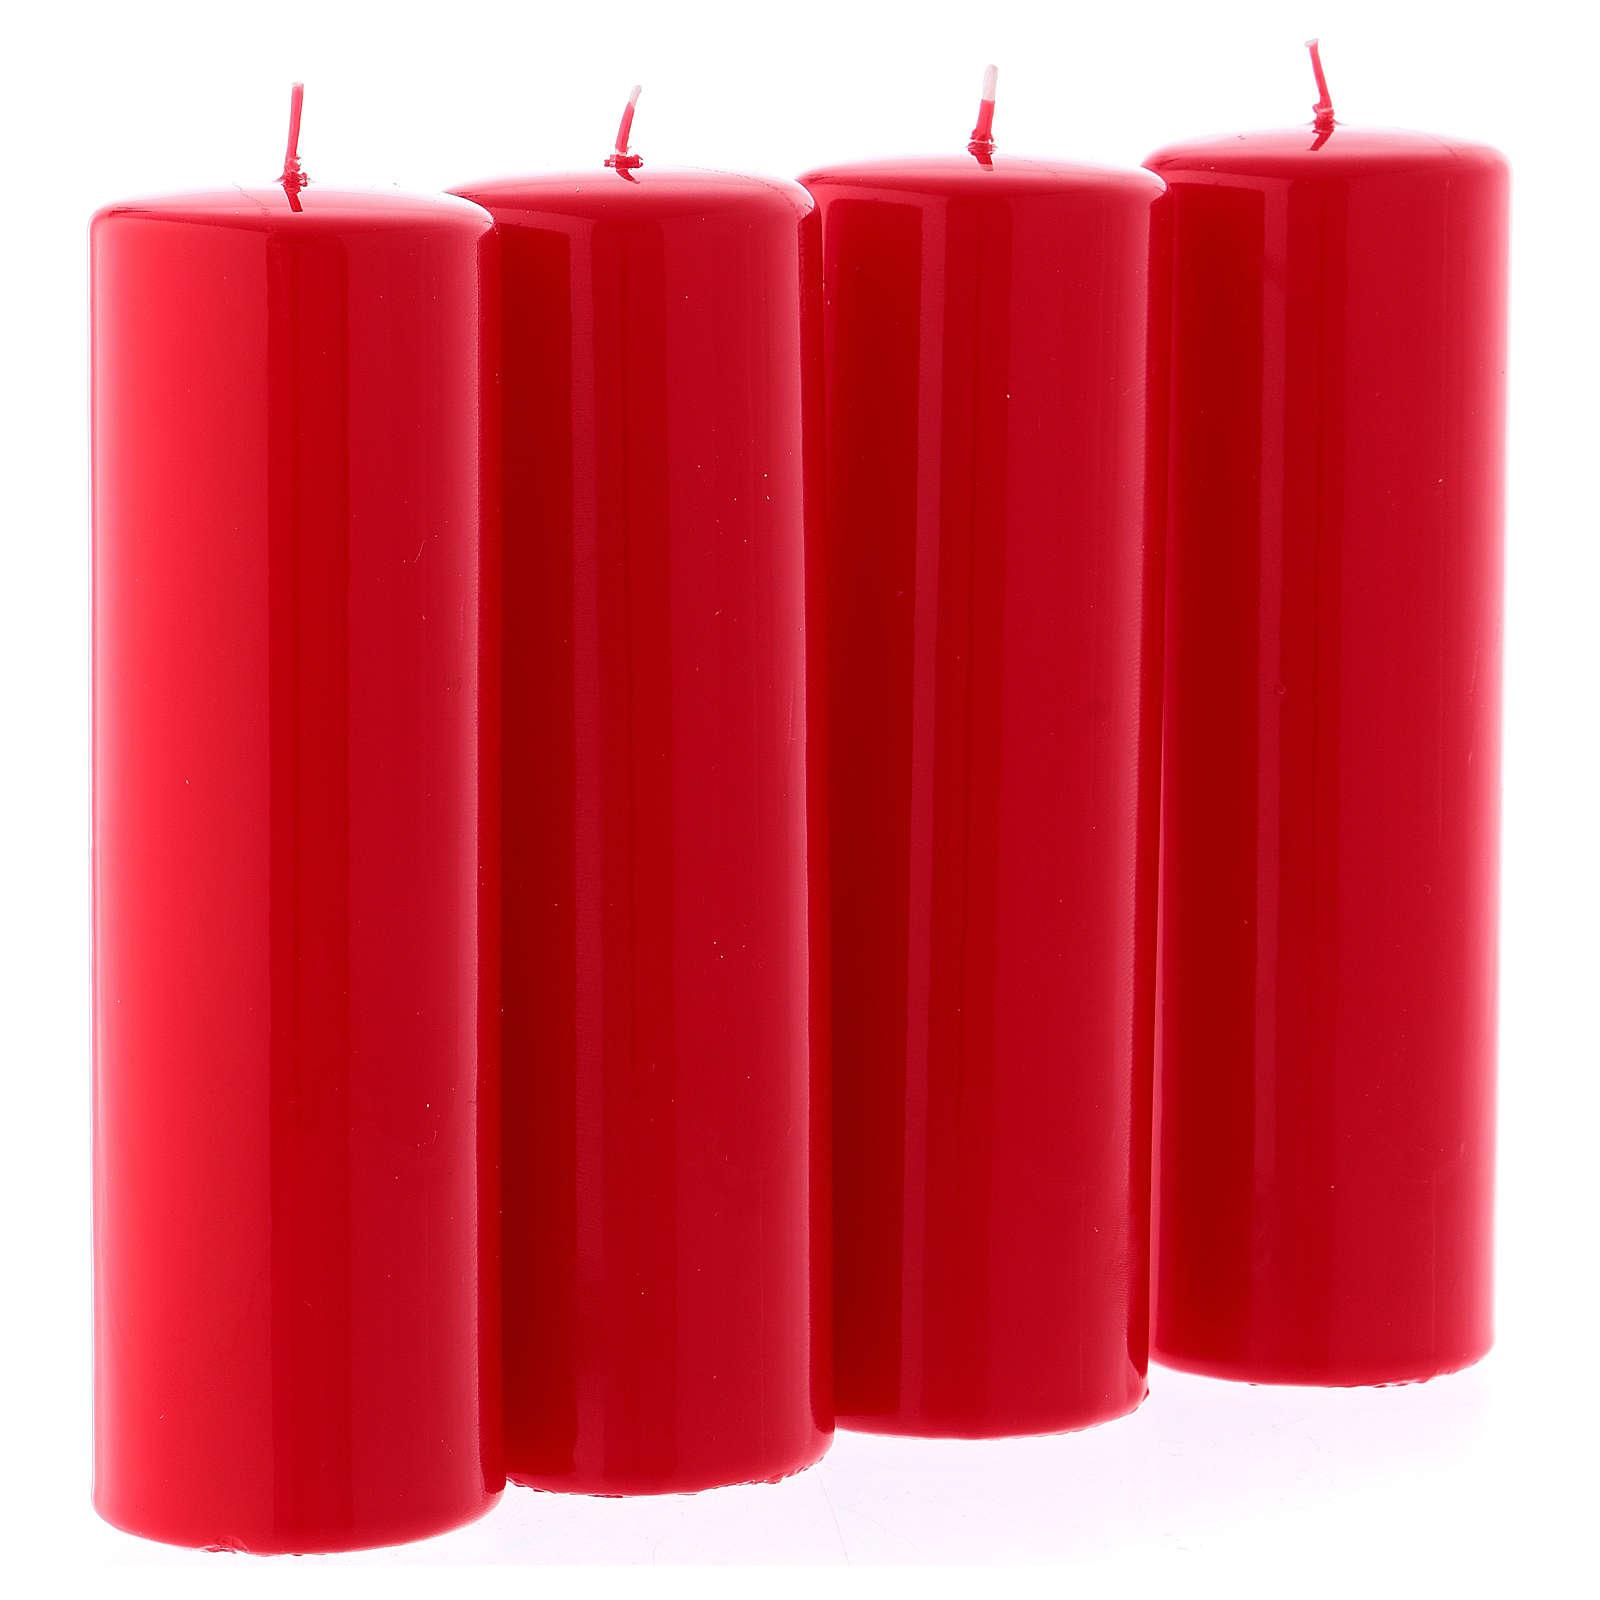 Kit 4 bougies rouges brillantes pour l'Avent 6x20 cm 3